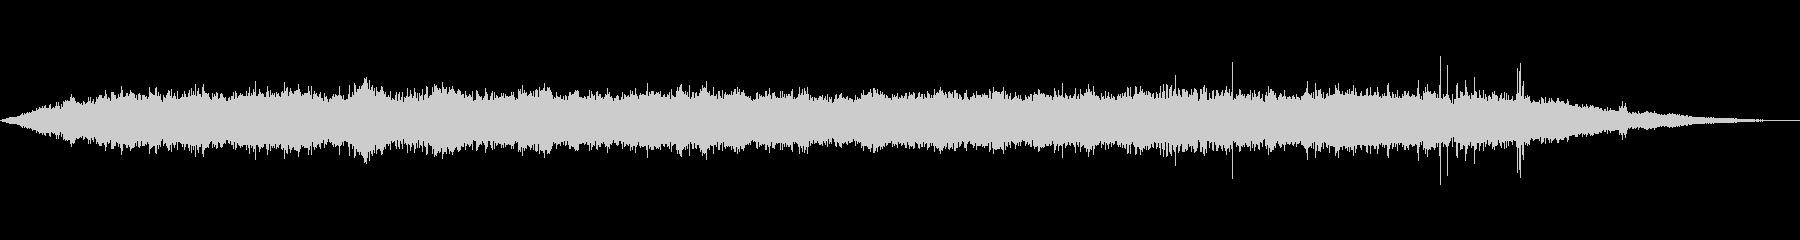 海 波 浜辺 海岸 カモメの環境音 15の未再生の波形